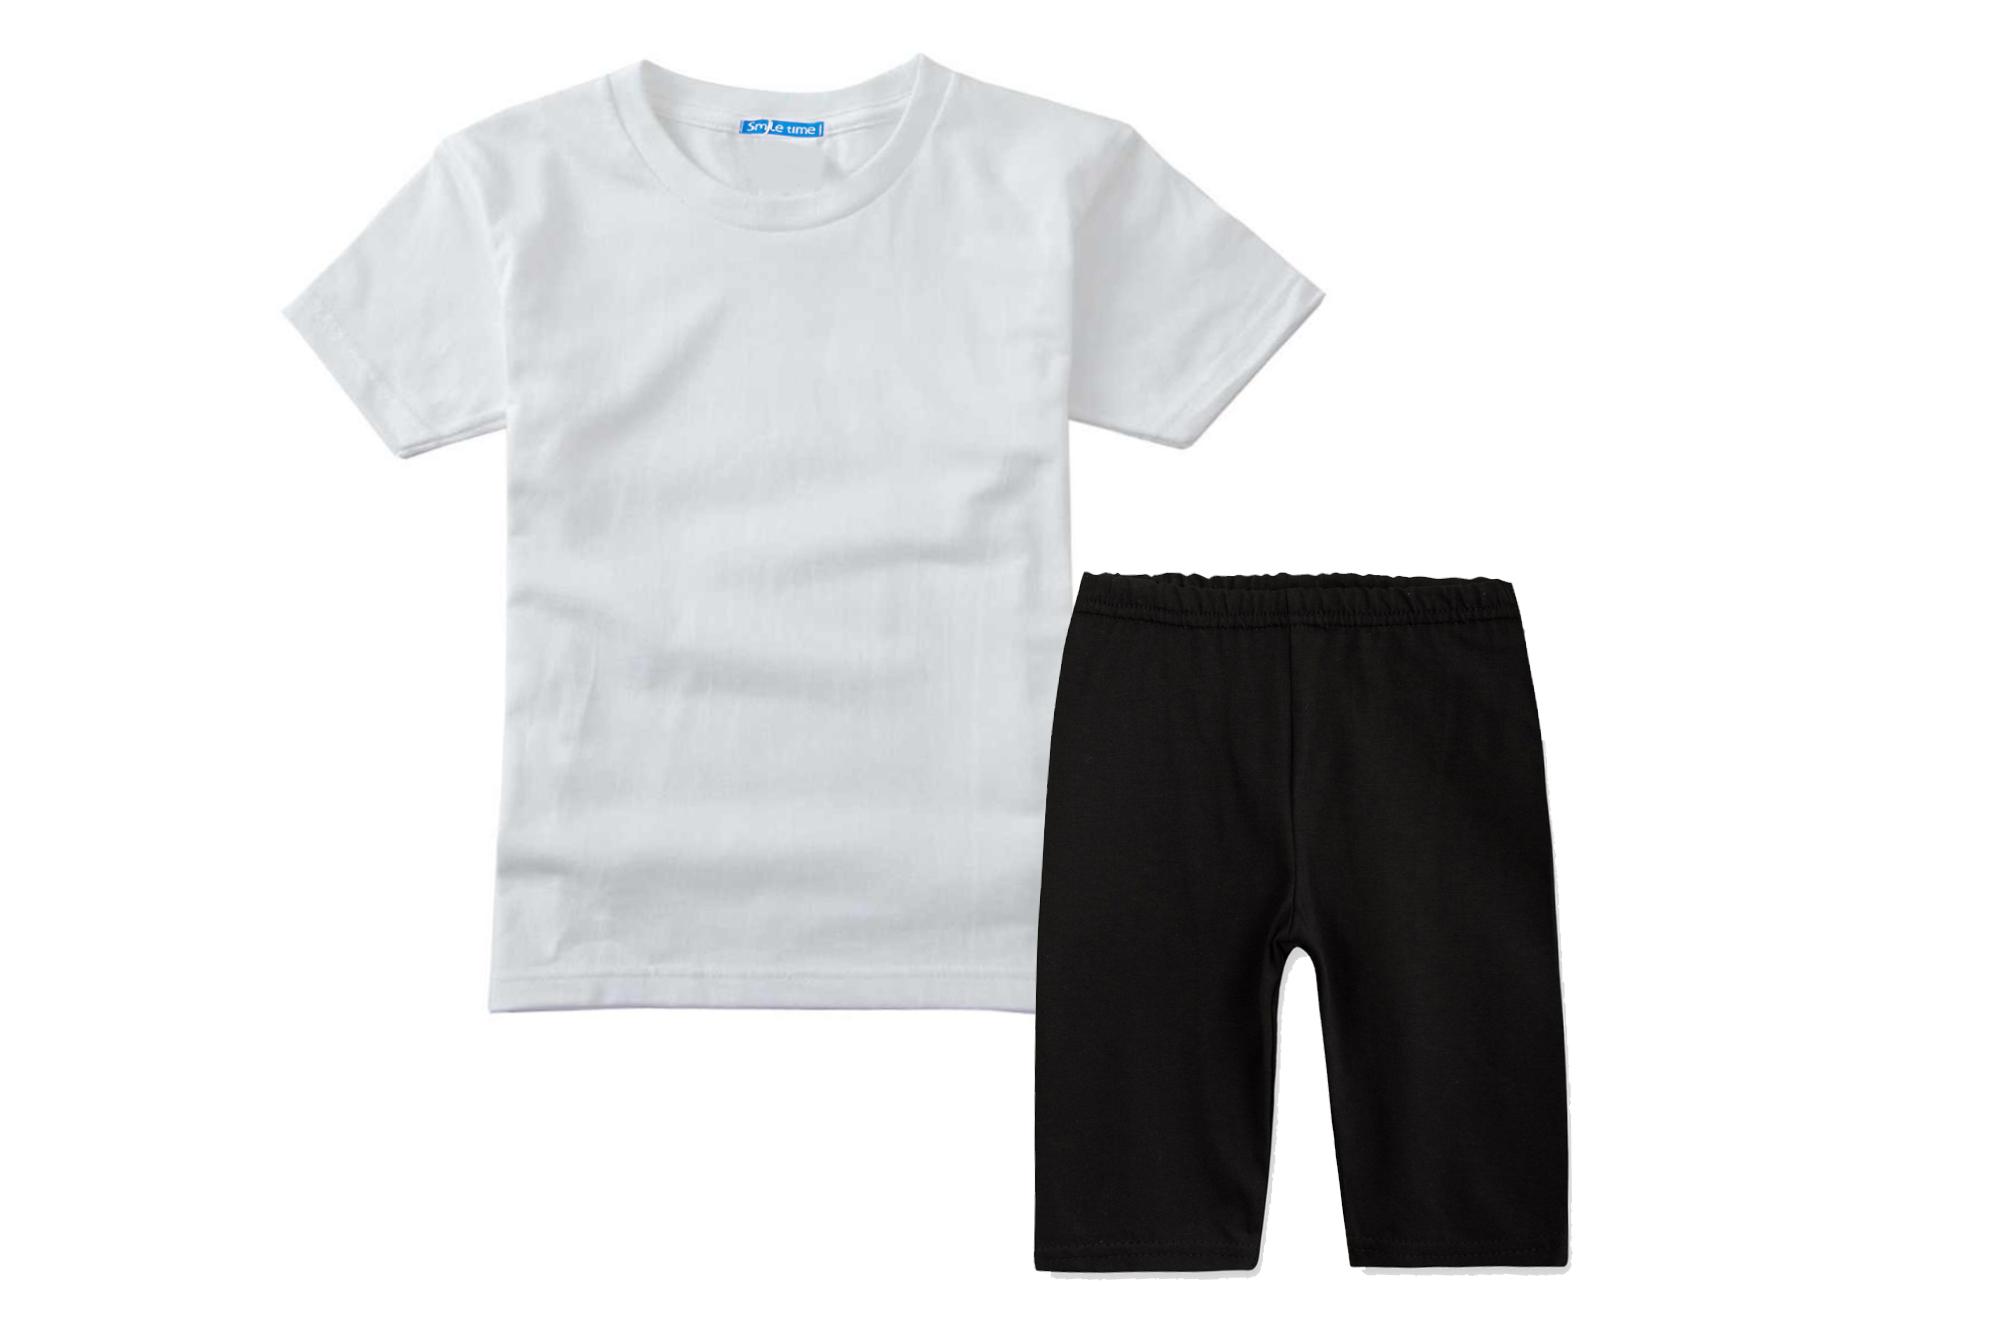 Костюм спортивный SmileTime футболка и капри Basic Sport, белый с черным